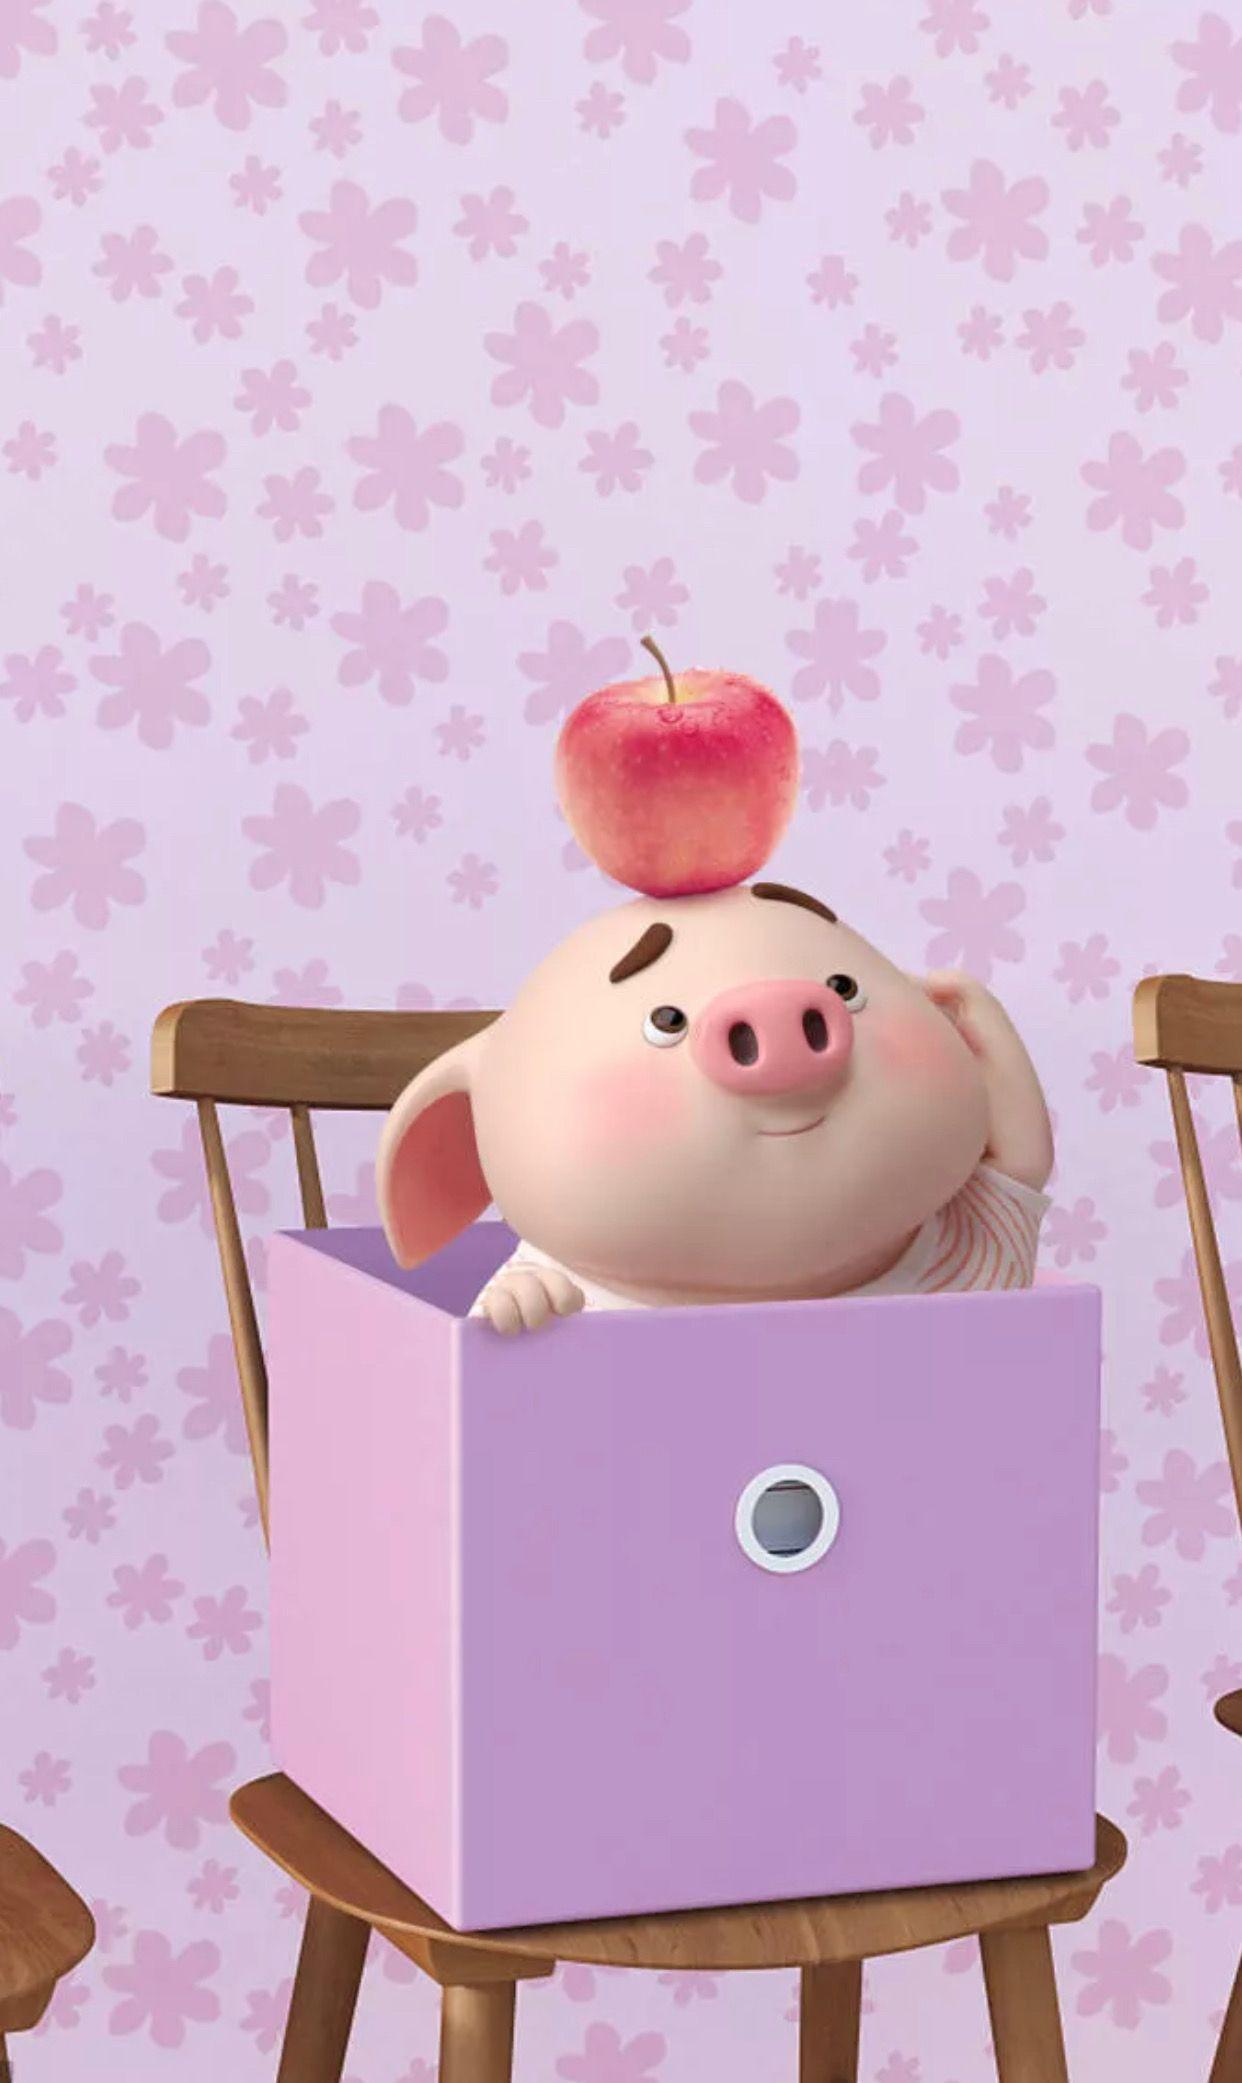 Pin Oleh Tata Di Pigs Bayi Babi Wallpaper Ponsel Ilustrasi Lucu